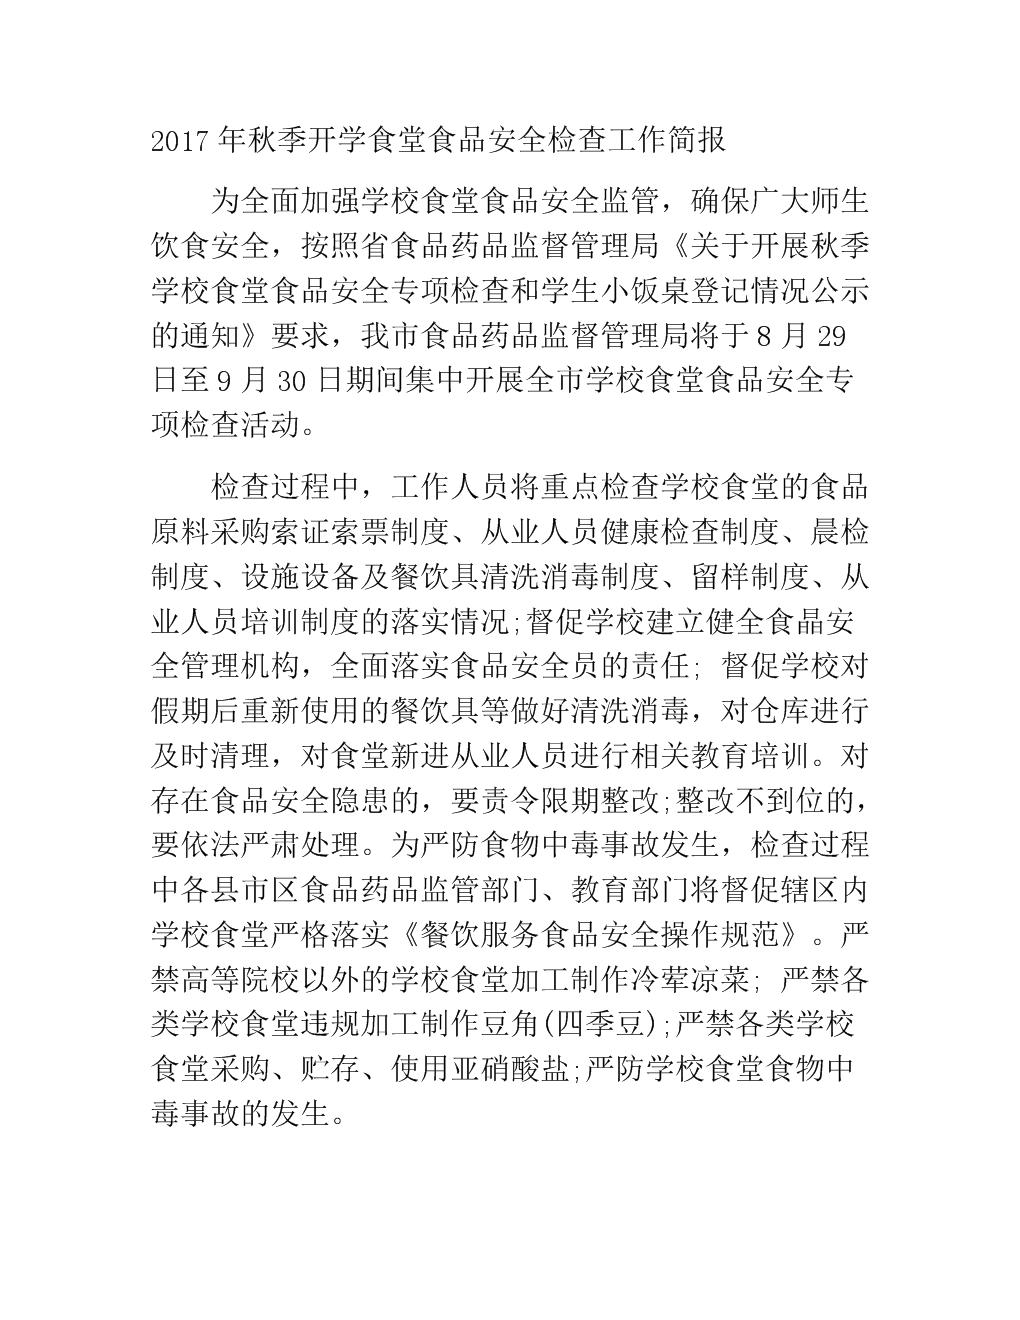 2018年秋季开学食堂食品安全v食堂工作简报(三).docx脂肪胸部男生多如何减图片